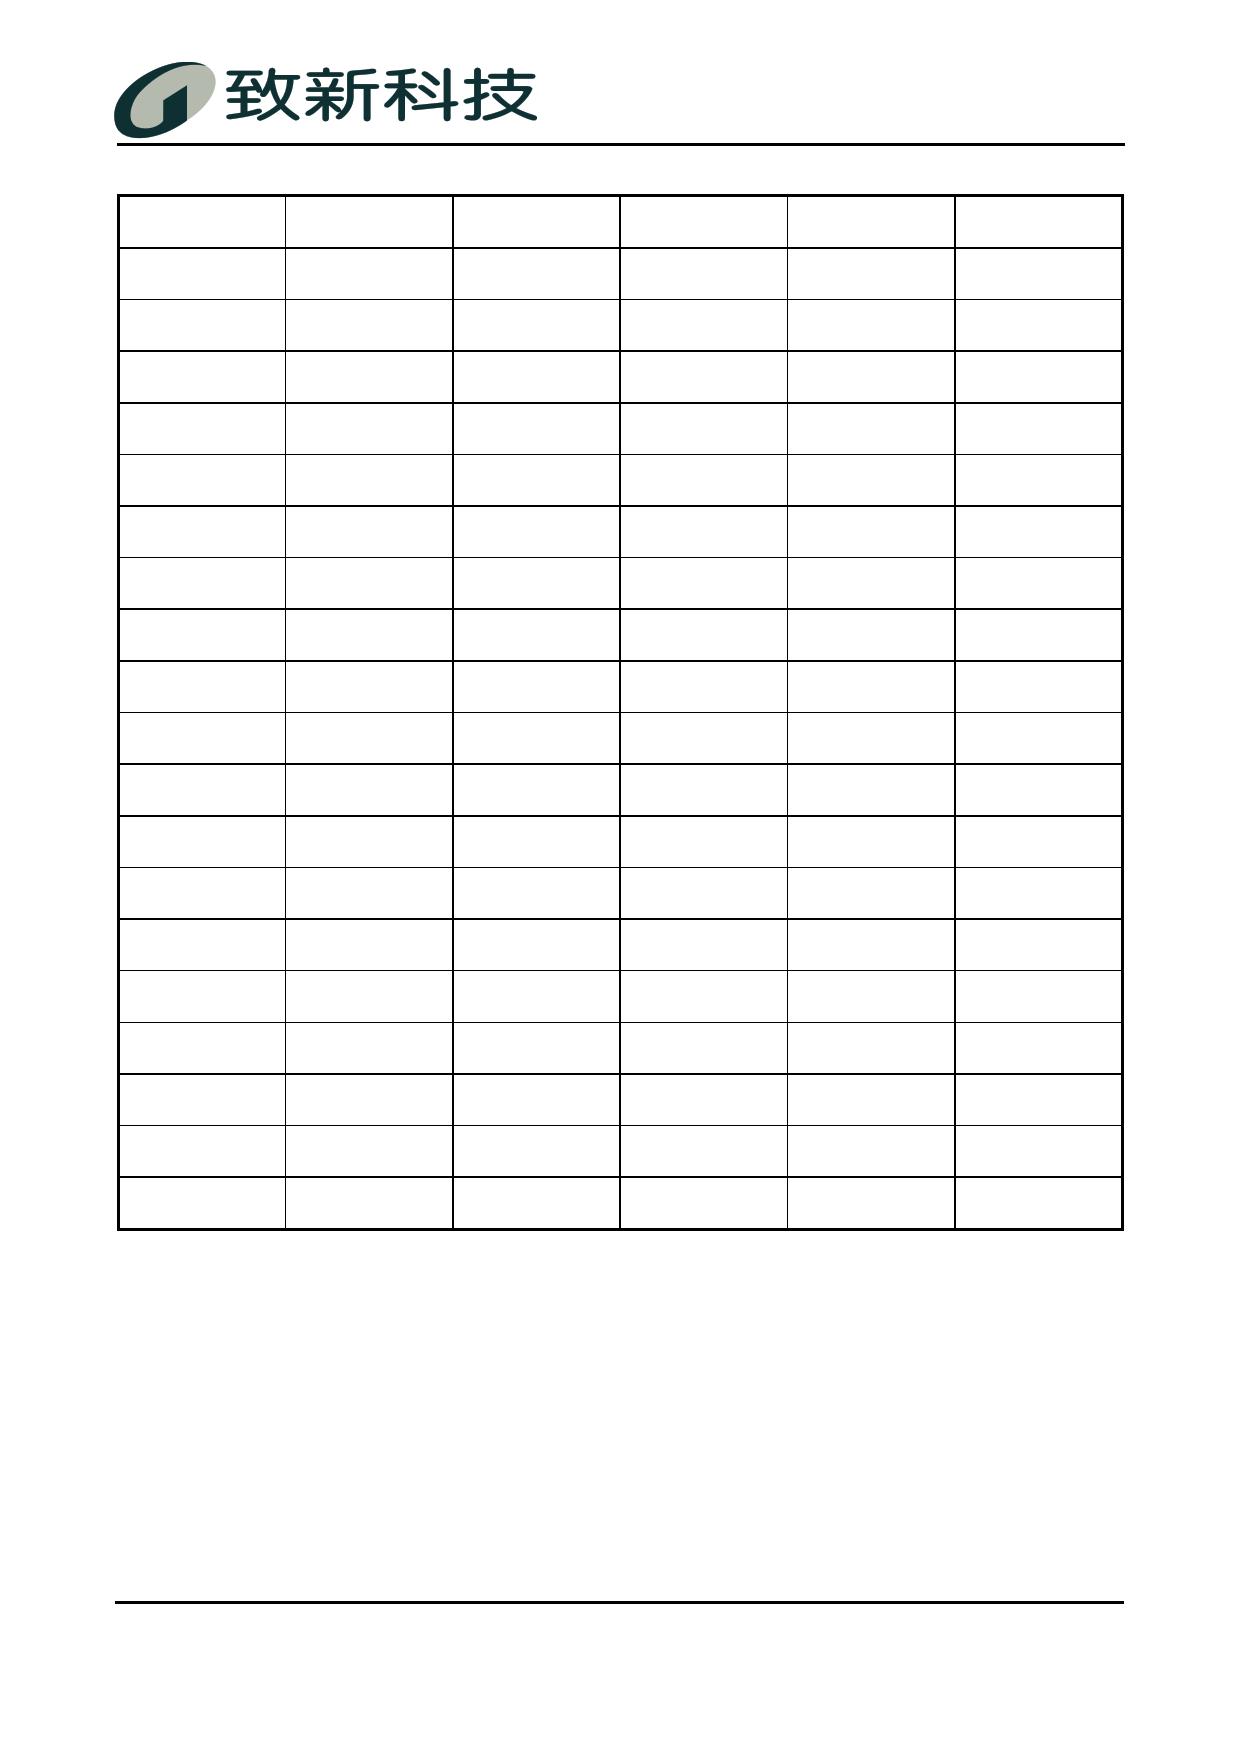 G9293 pdf, ピン配列